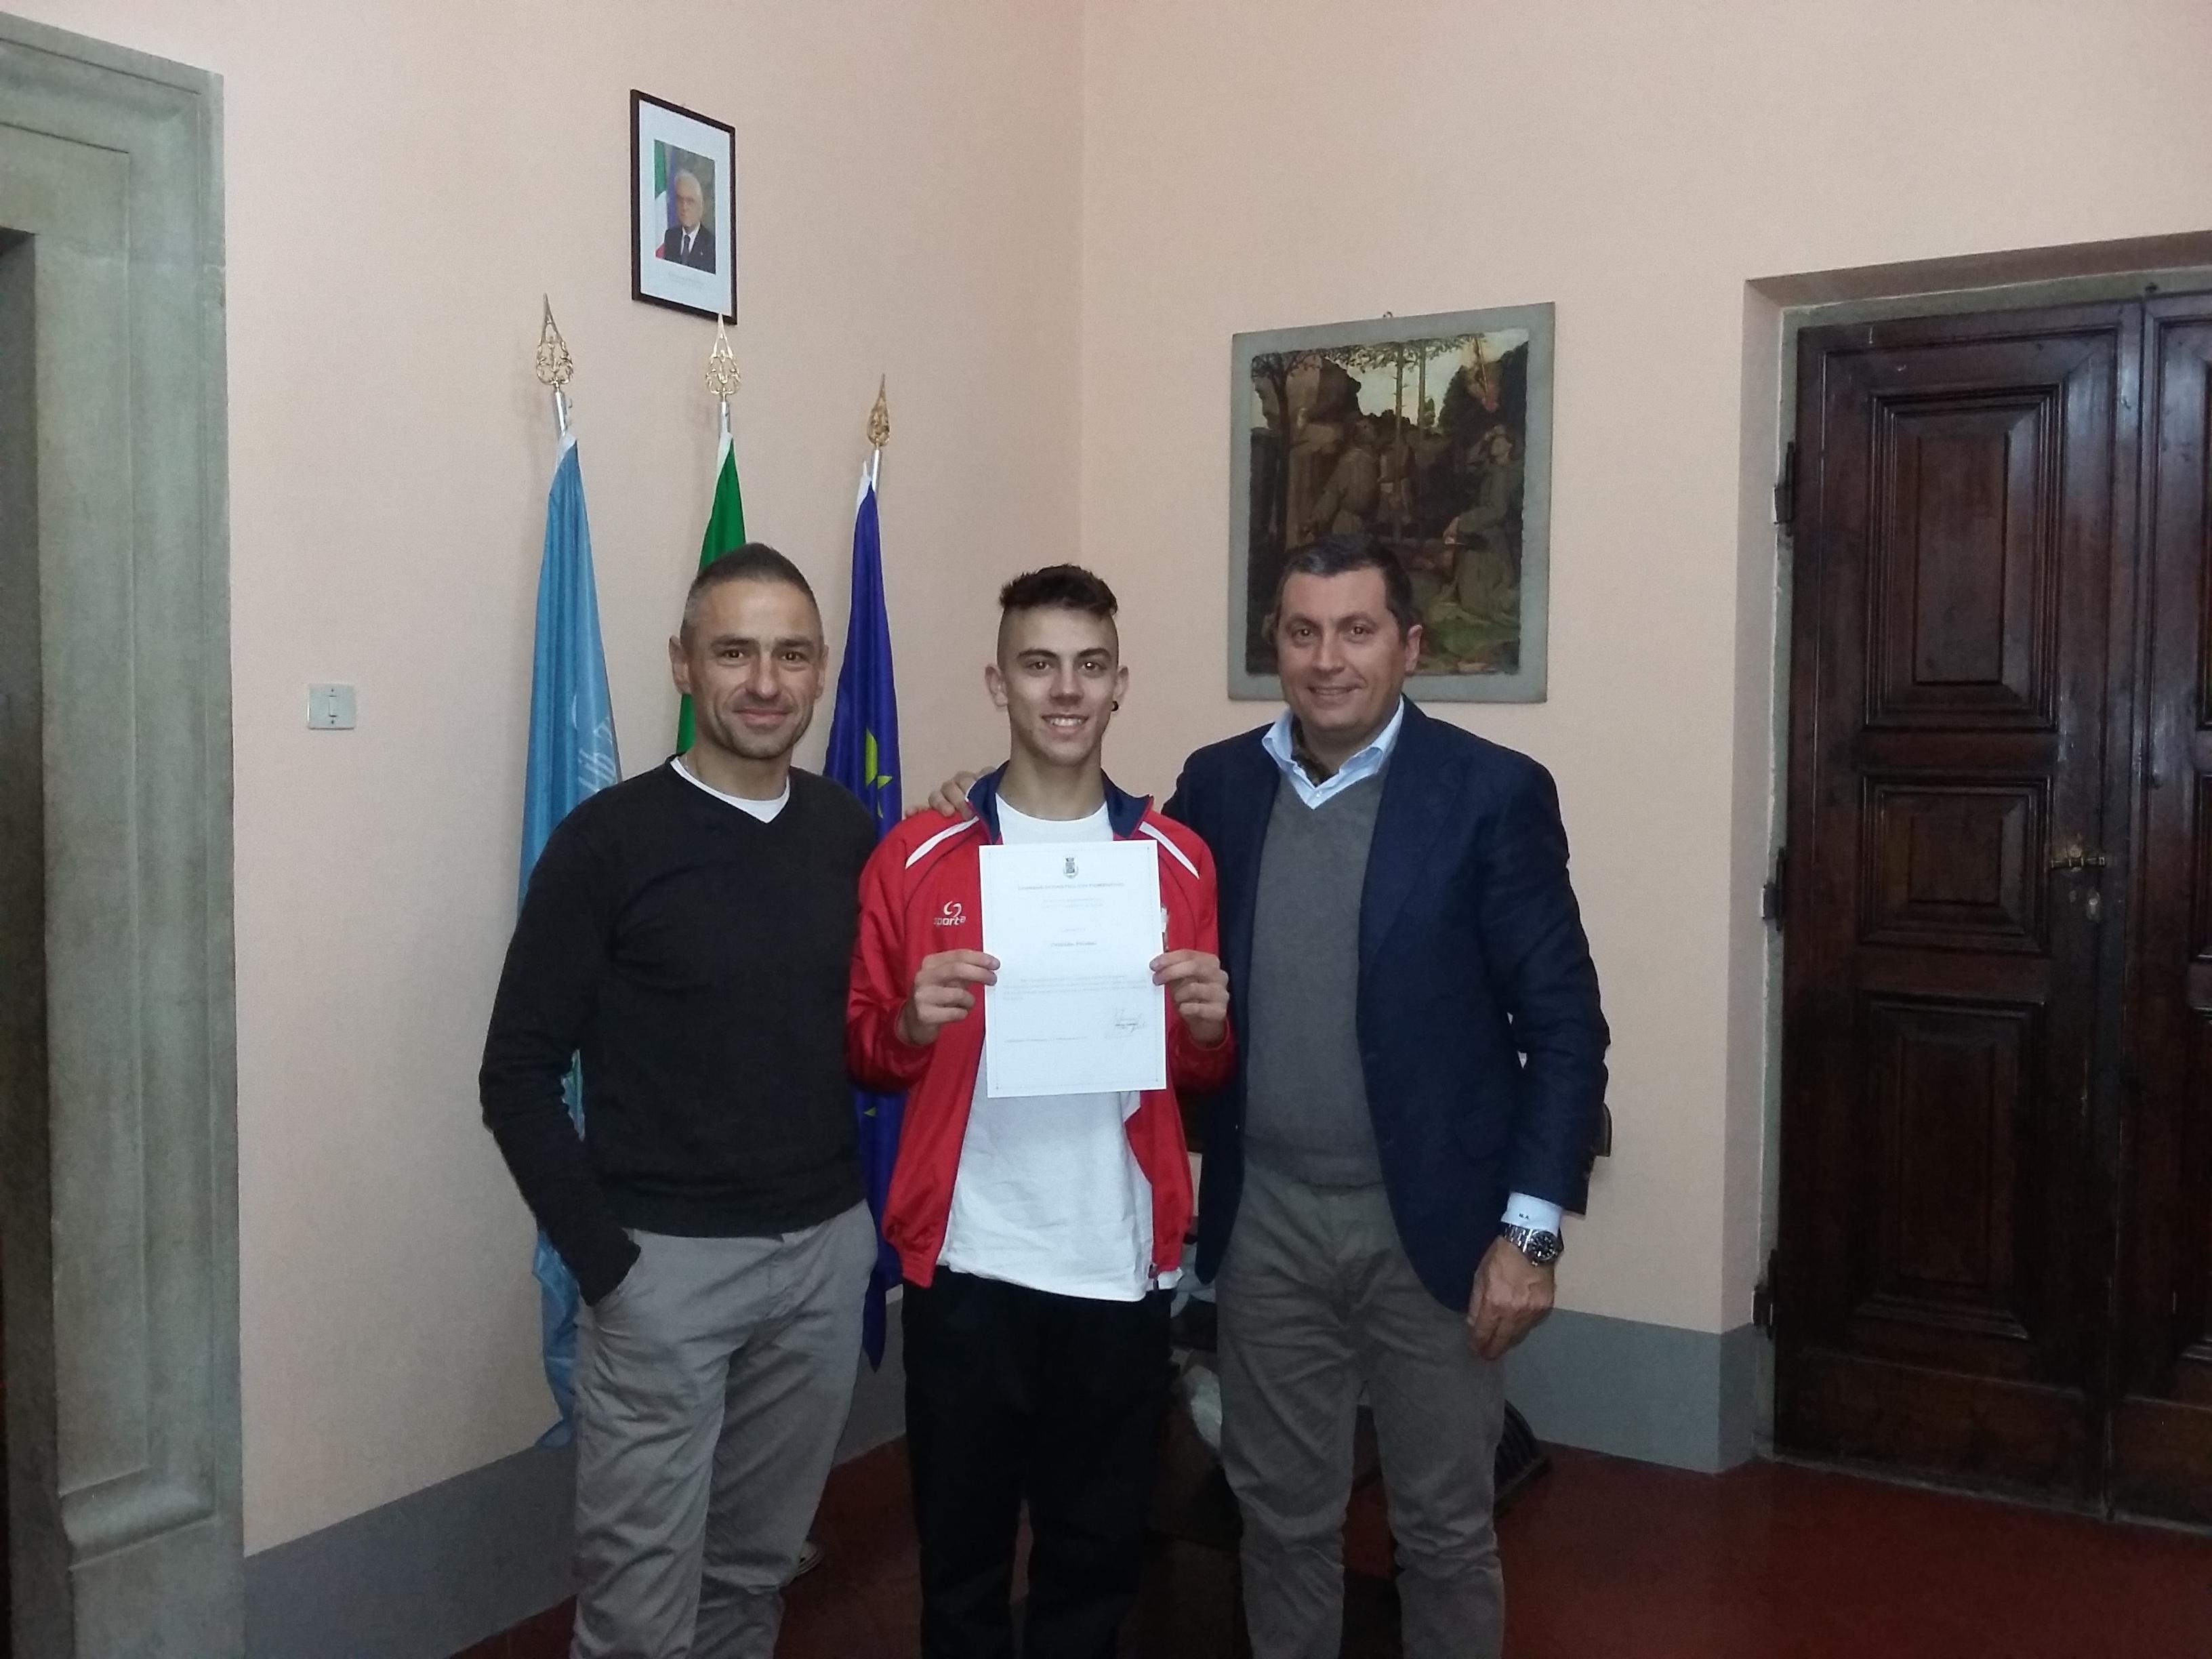 Cristian Polvani, bronzo agli Italiani di Ginnastica, ricevuto in Comune